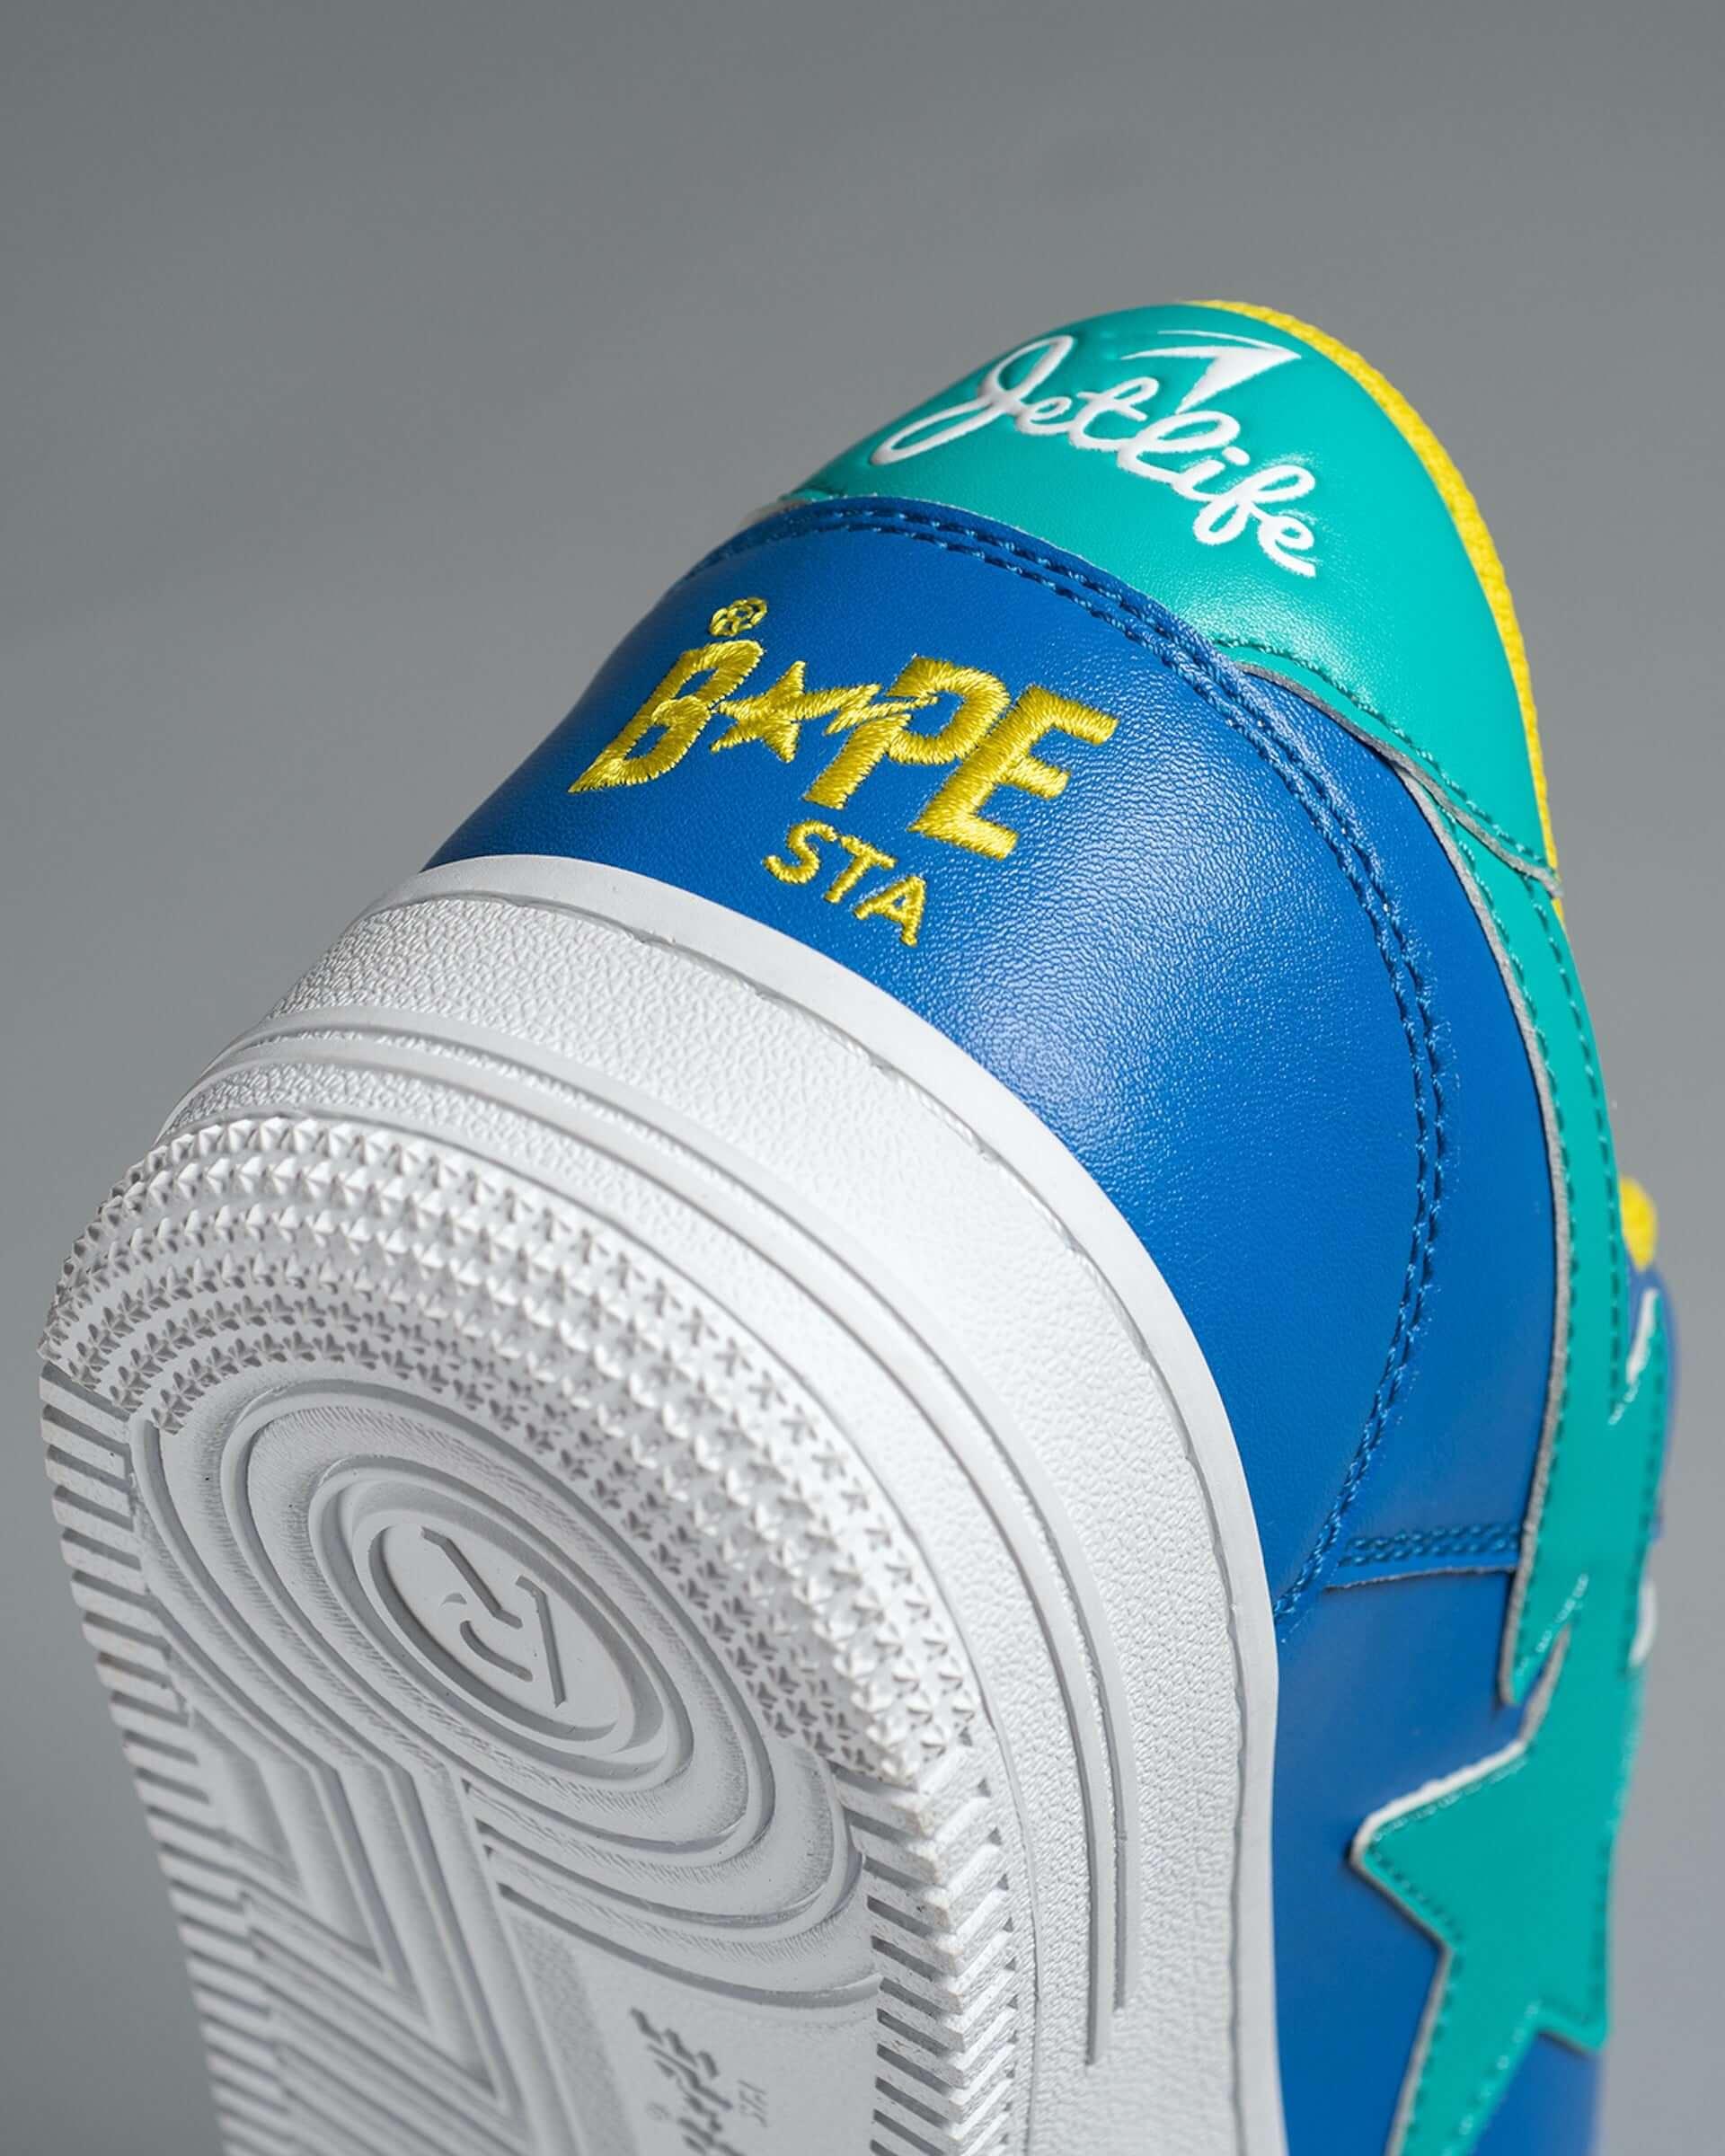 BAPE®︎とCurren$yのコラボが実現!〈Jet Life〉のロゴが刻印された『BAPE STA™』が発売決定 lf200707_bape_currensy_3-1920x2400